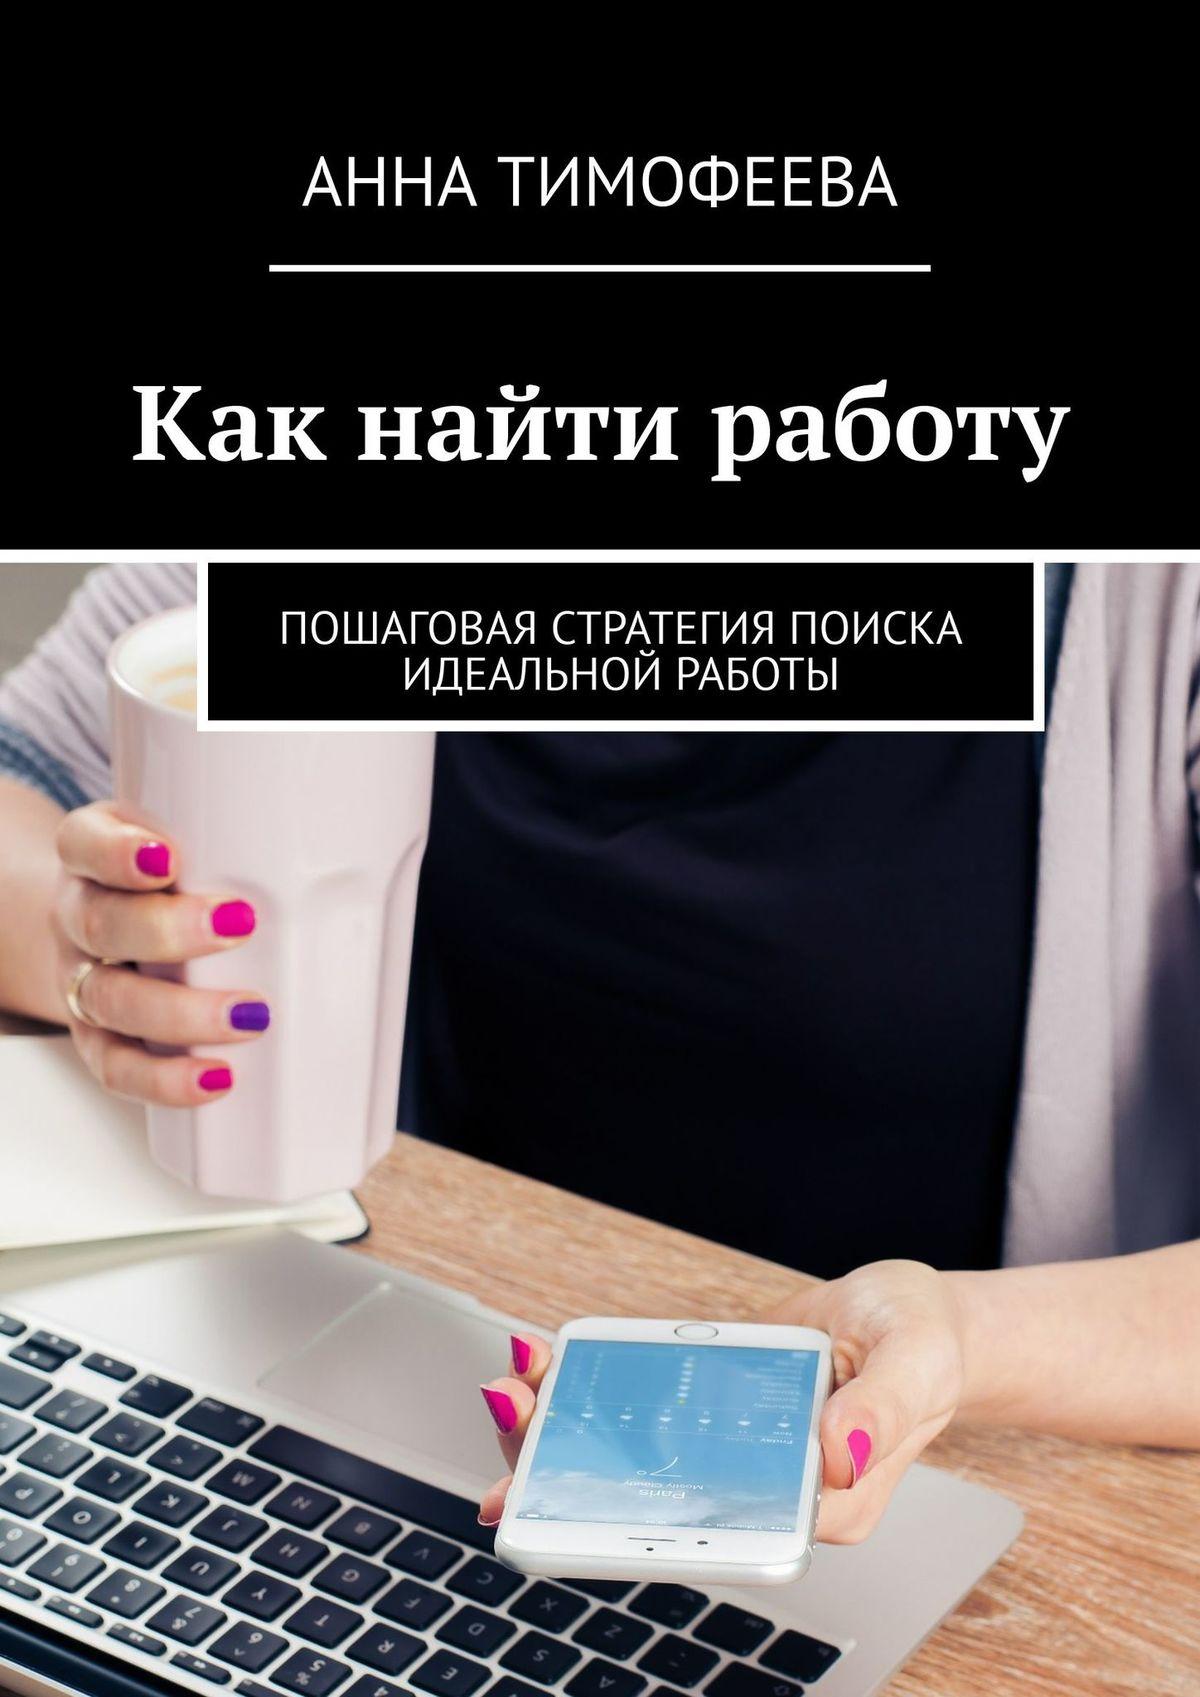 Татьяна Михеева Как найти работу. Пошаговая стратегия поиска идеальной работы